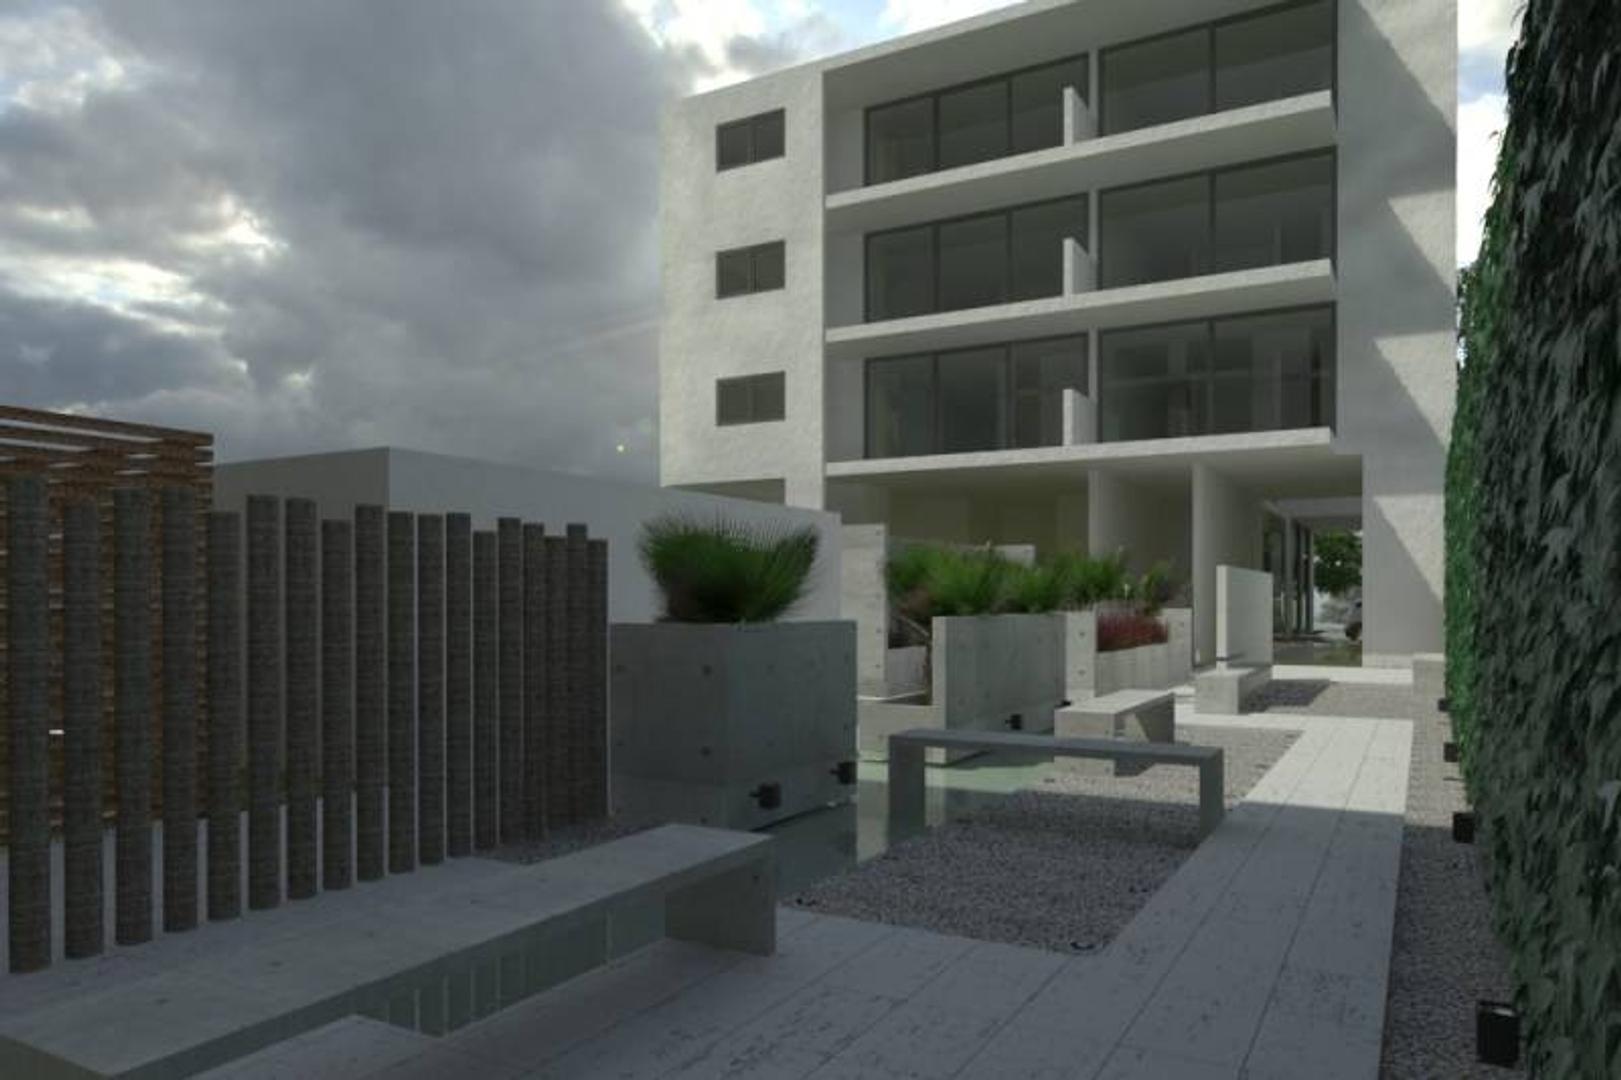 DEPARTAMENTO EN CONSTRUCCION DE CATEGORIA DE 3 AMBIENTES DE 93 M  CON S.U.M.  PISCINA  COCHERAS OPTA